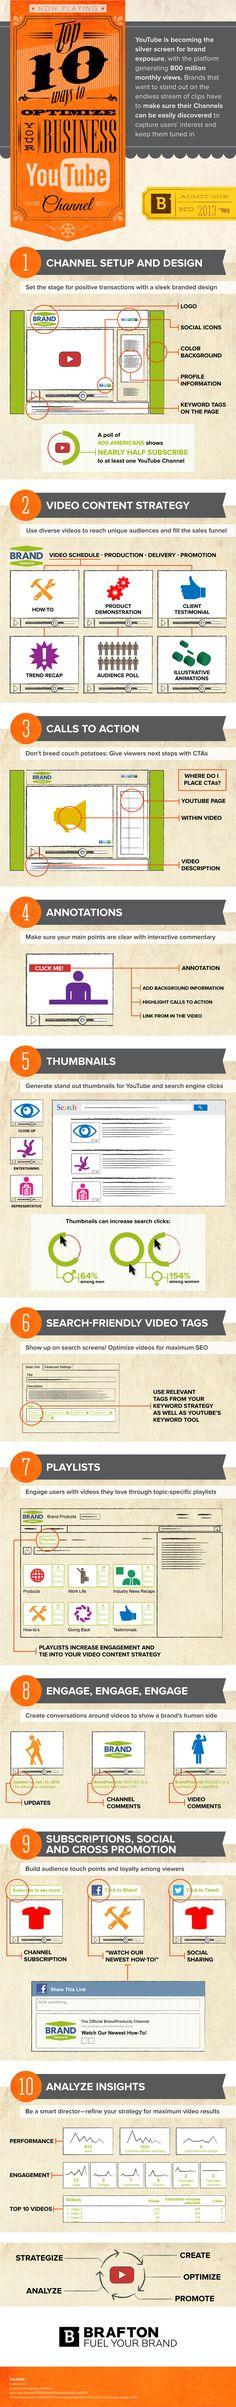 10 maneras de optimizar tu canal de YouTube #infografia #infographic #socialmedia